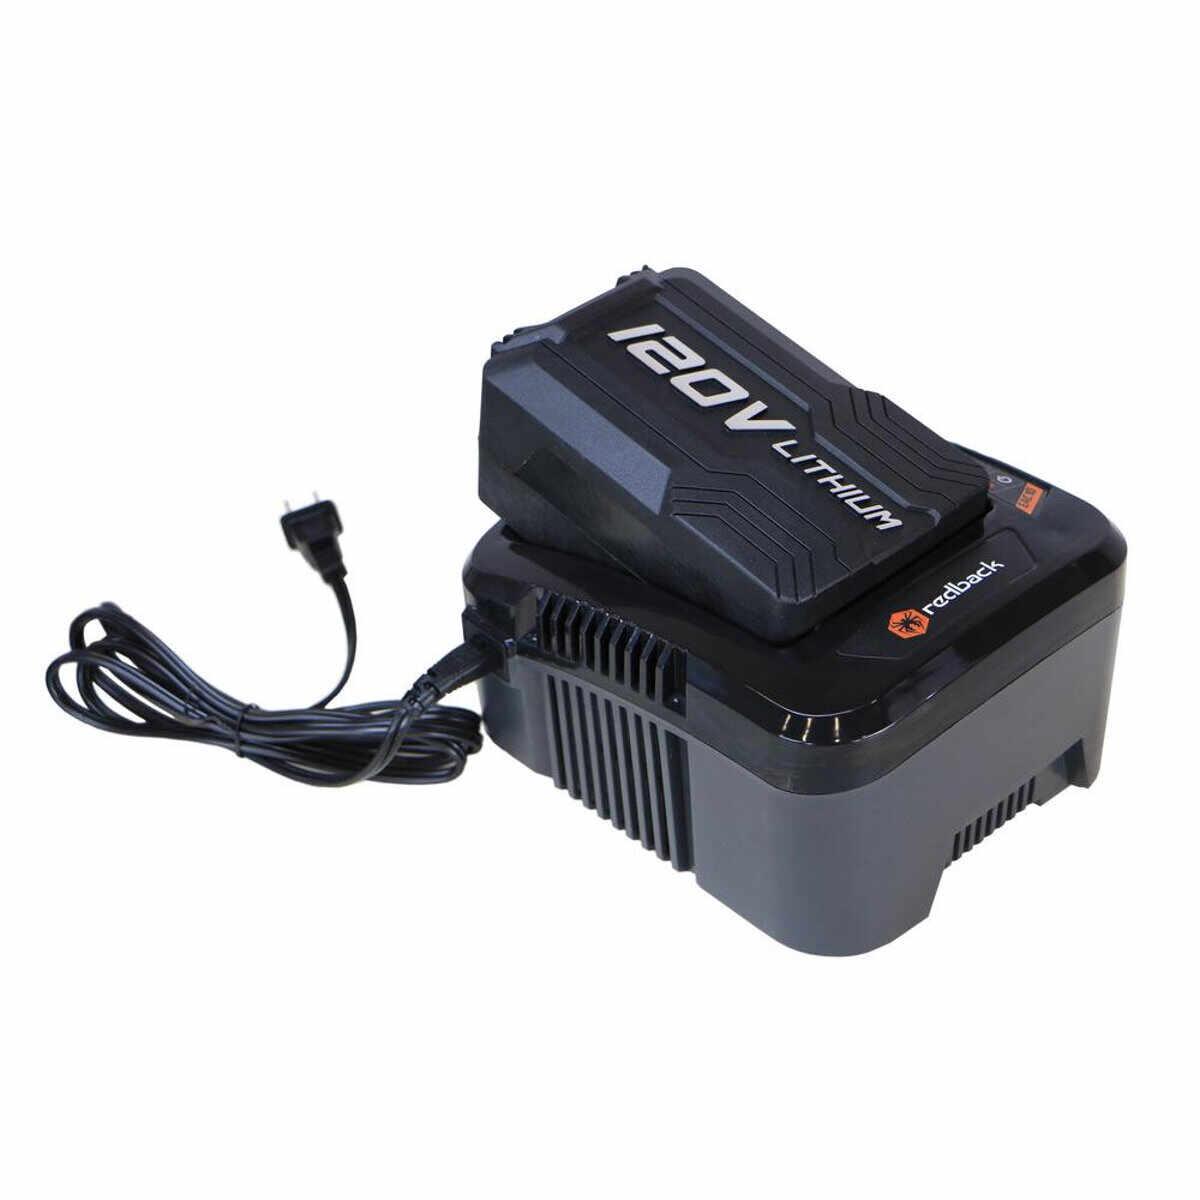 Incarcator Redback 120V 3.5A EC440 la pret 459.62 lei